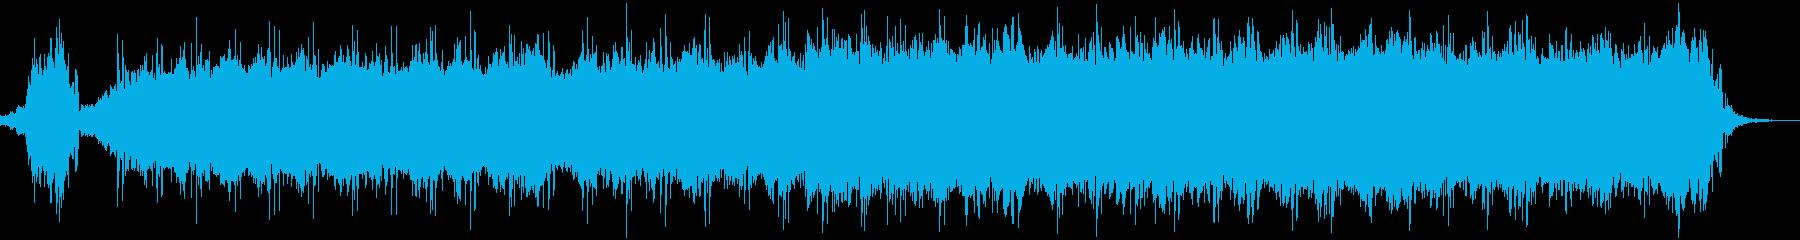 テクノロジーや進化を想起する神秘的な曲の再生済みの波形